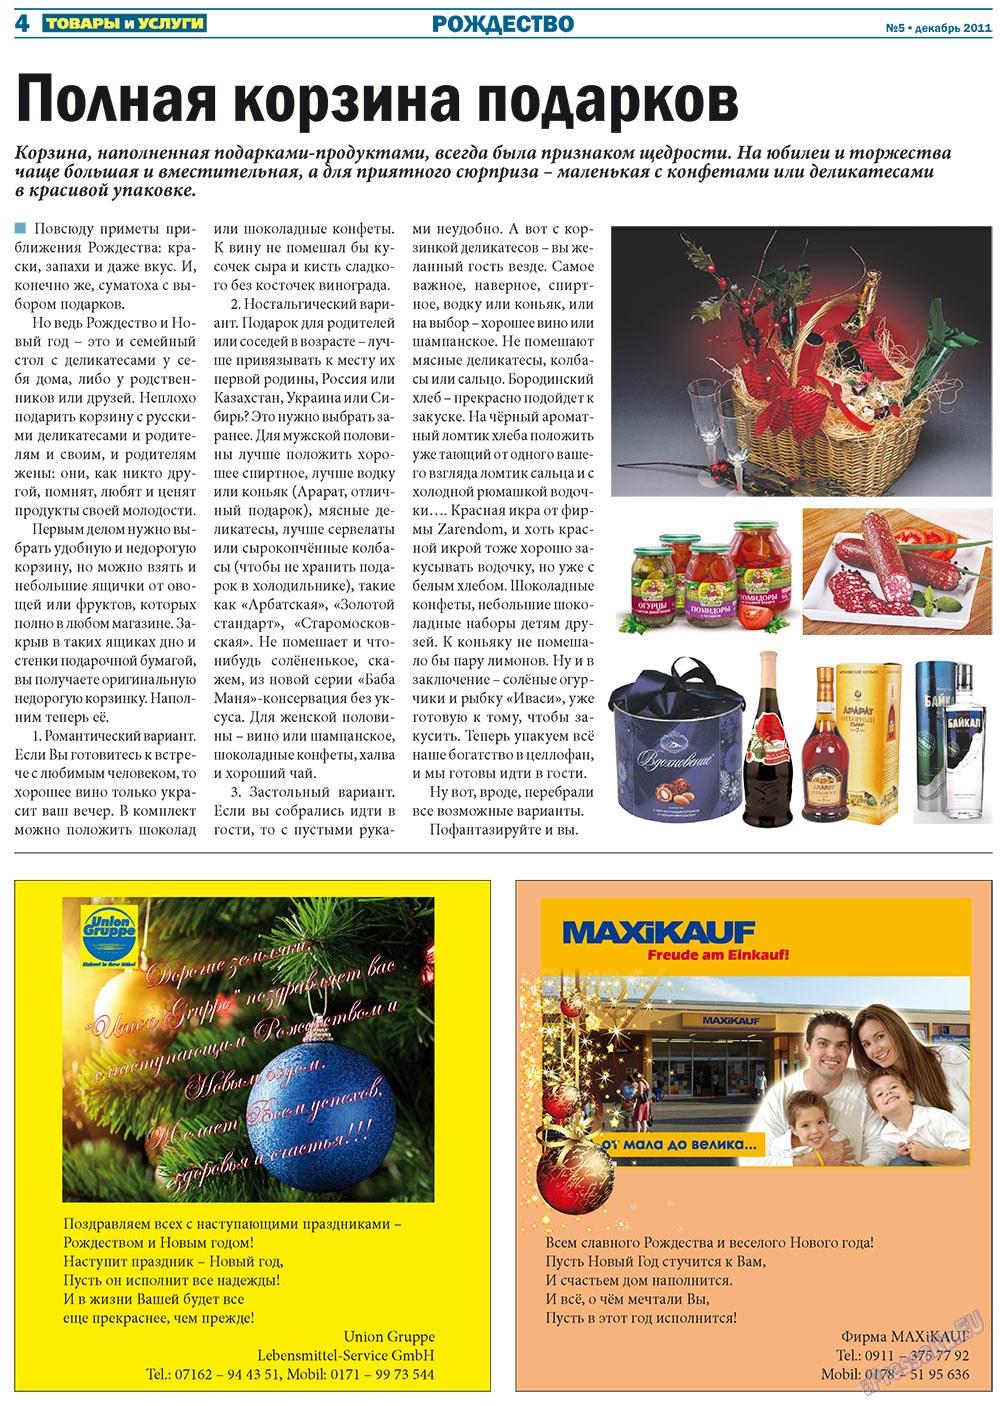 Товары и услуги (газета). 2011 год, номер 5, стр. 4